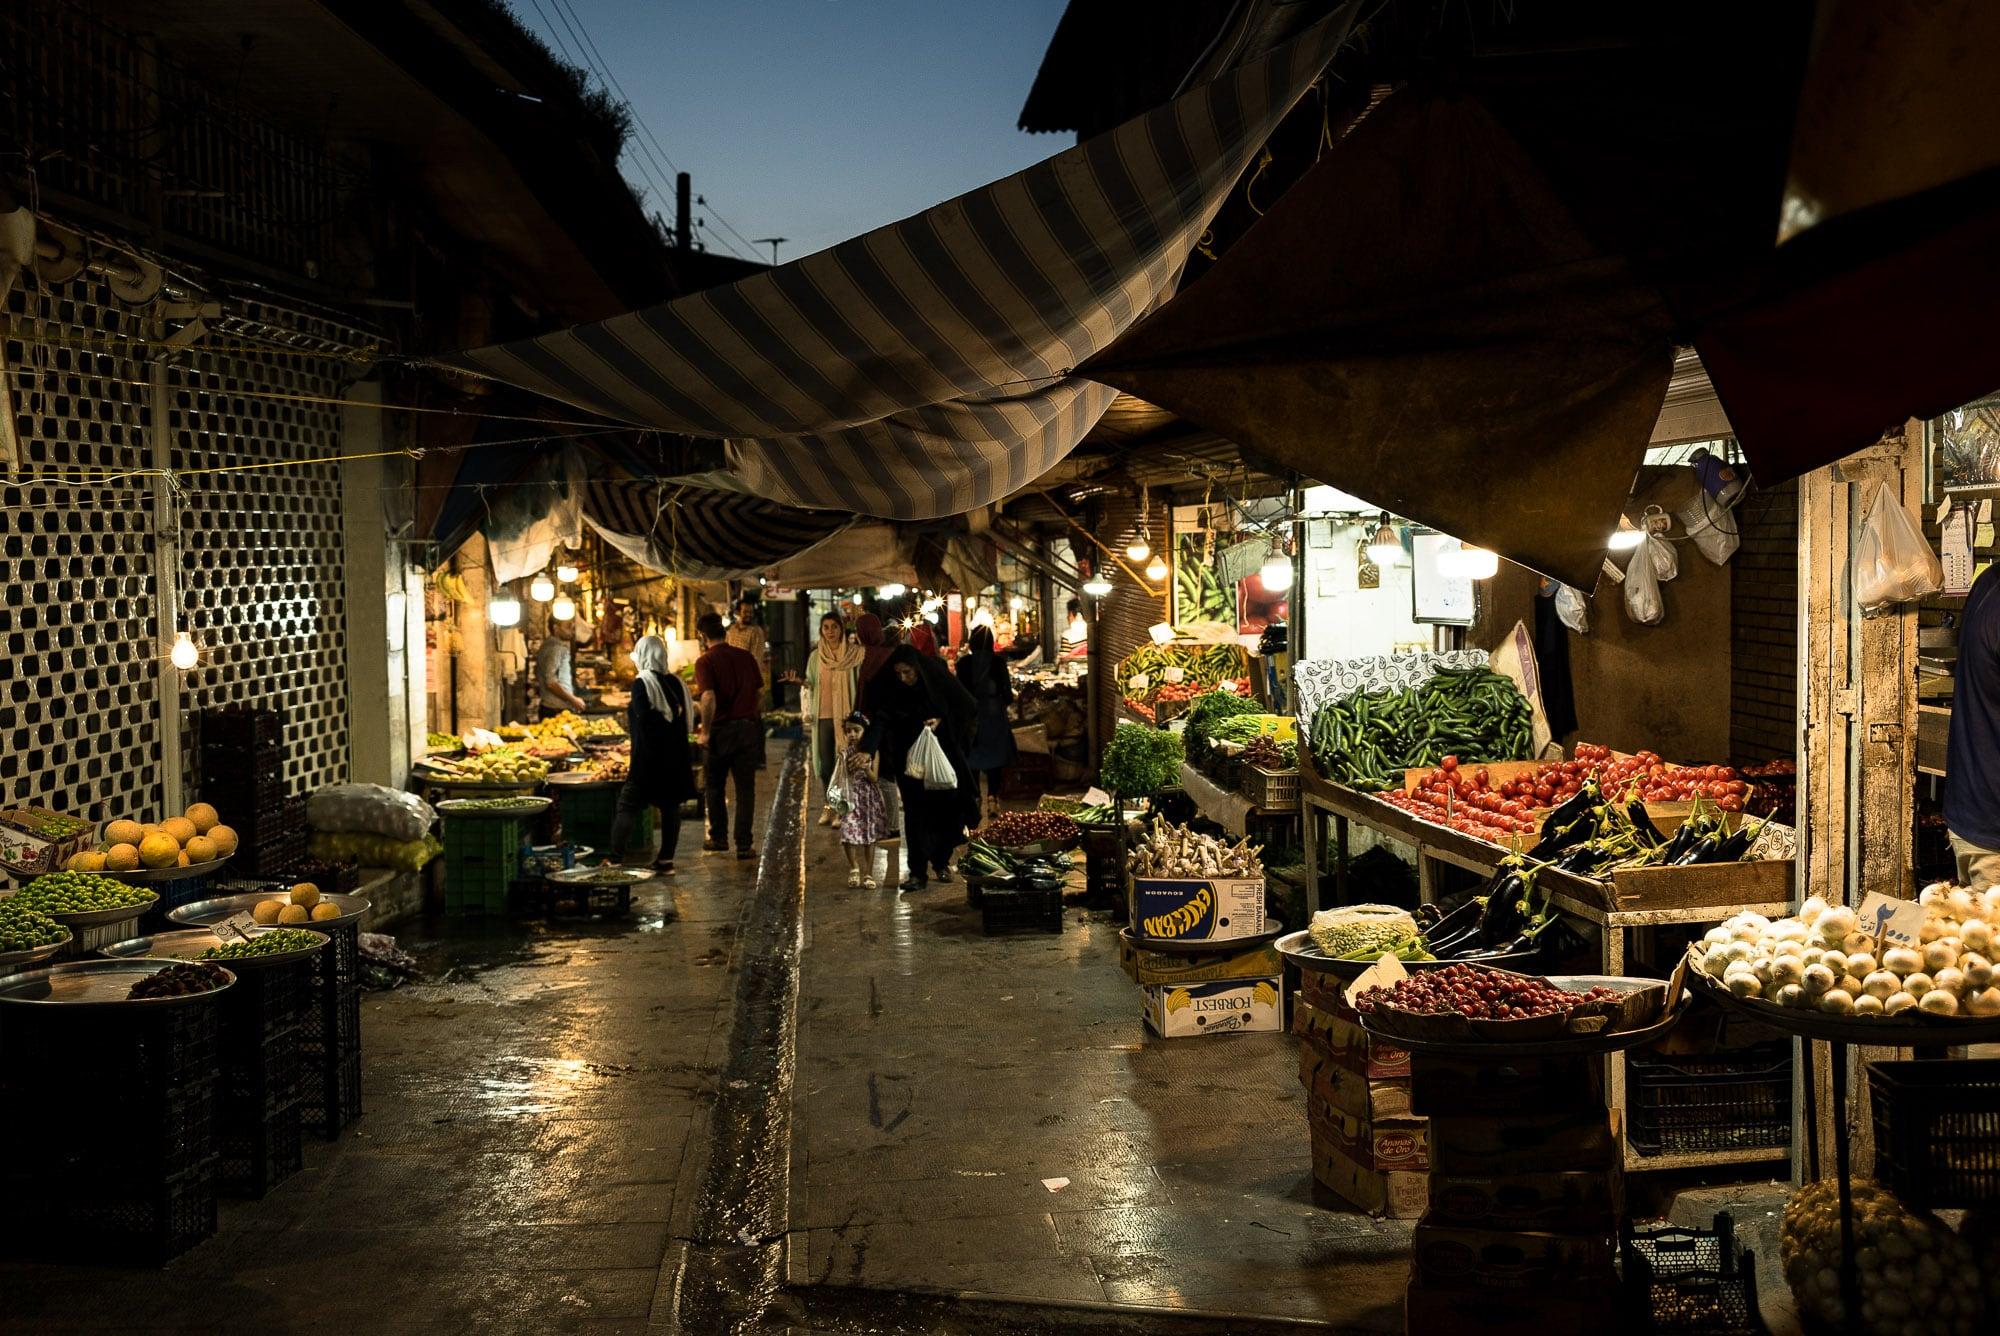 Gorgan bazaar at nightfall